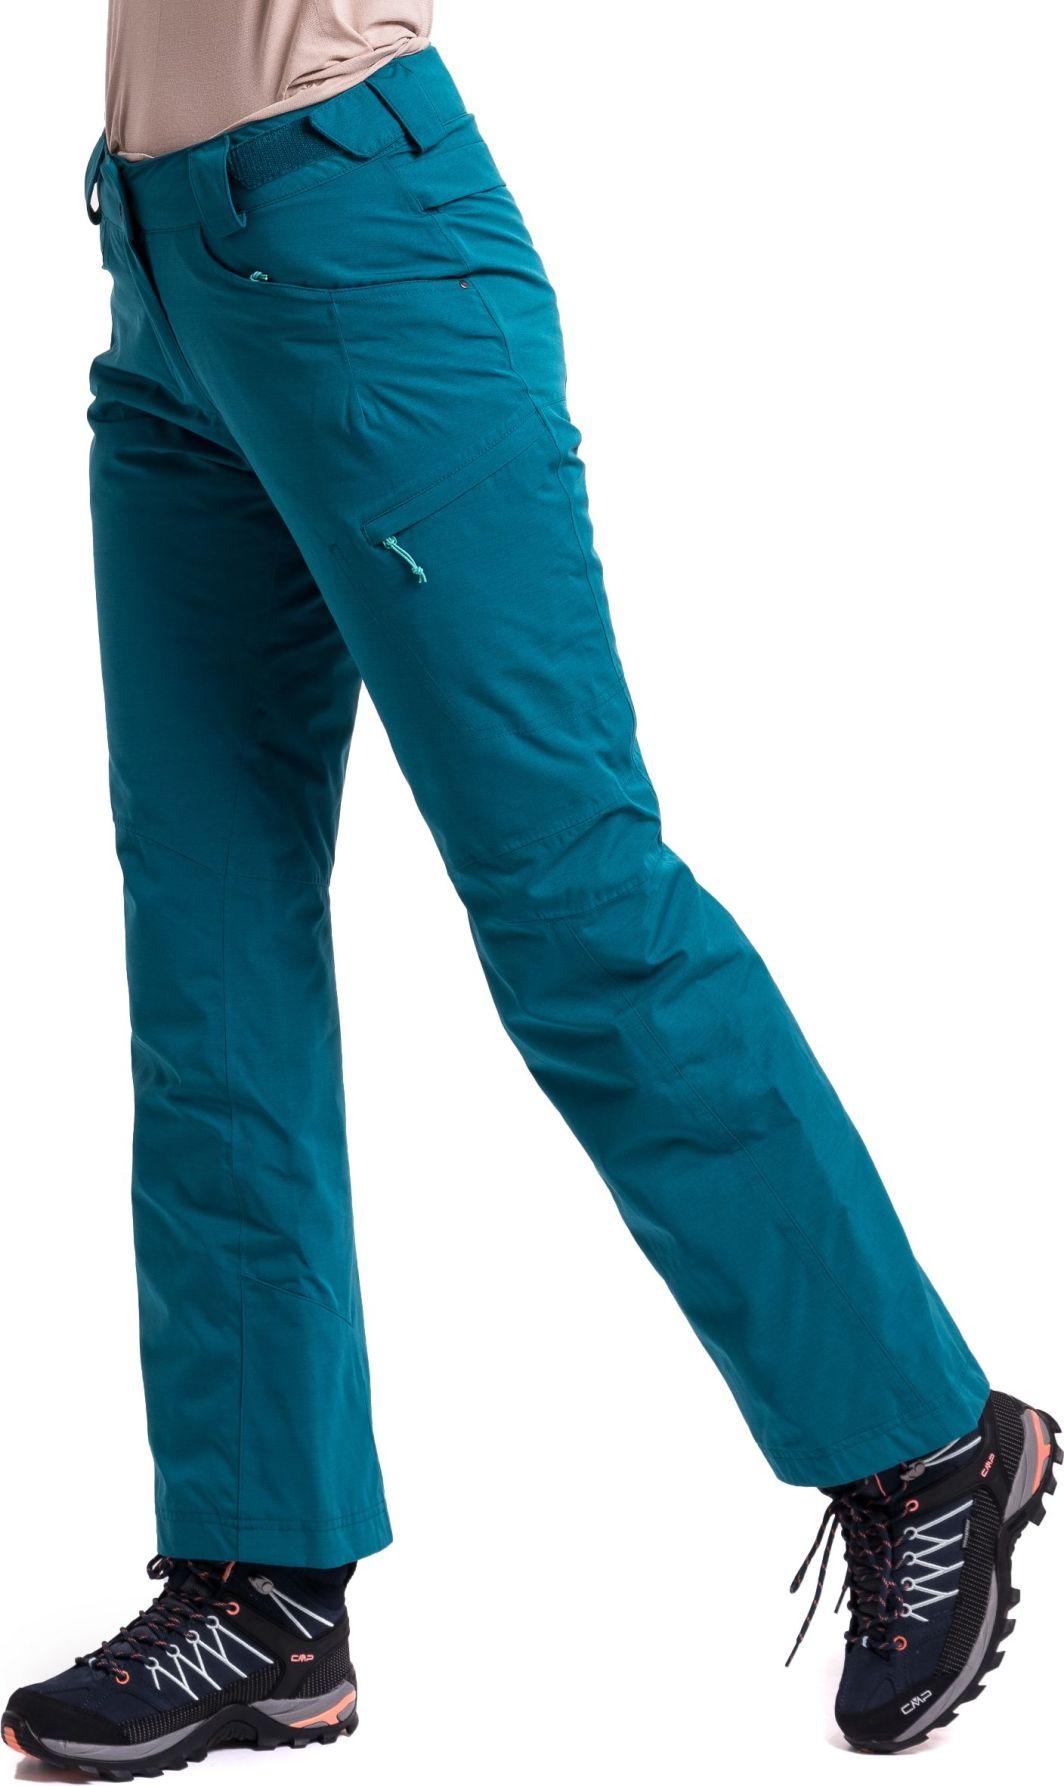 Salomon Spodnie narciarskie damskie Fantasy Pant niebieskie r. S (403669) ID produktu: 4691963